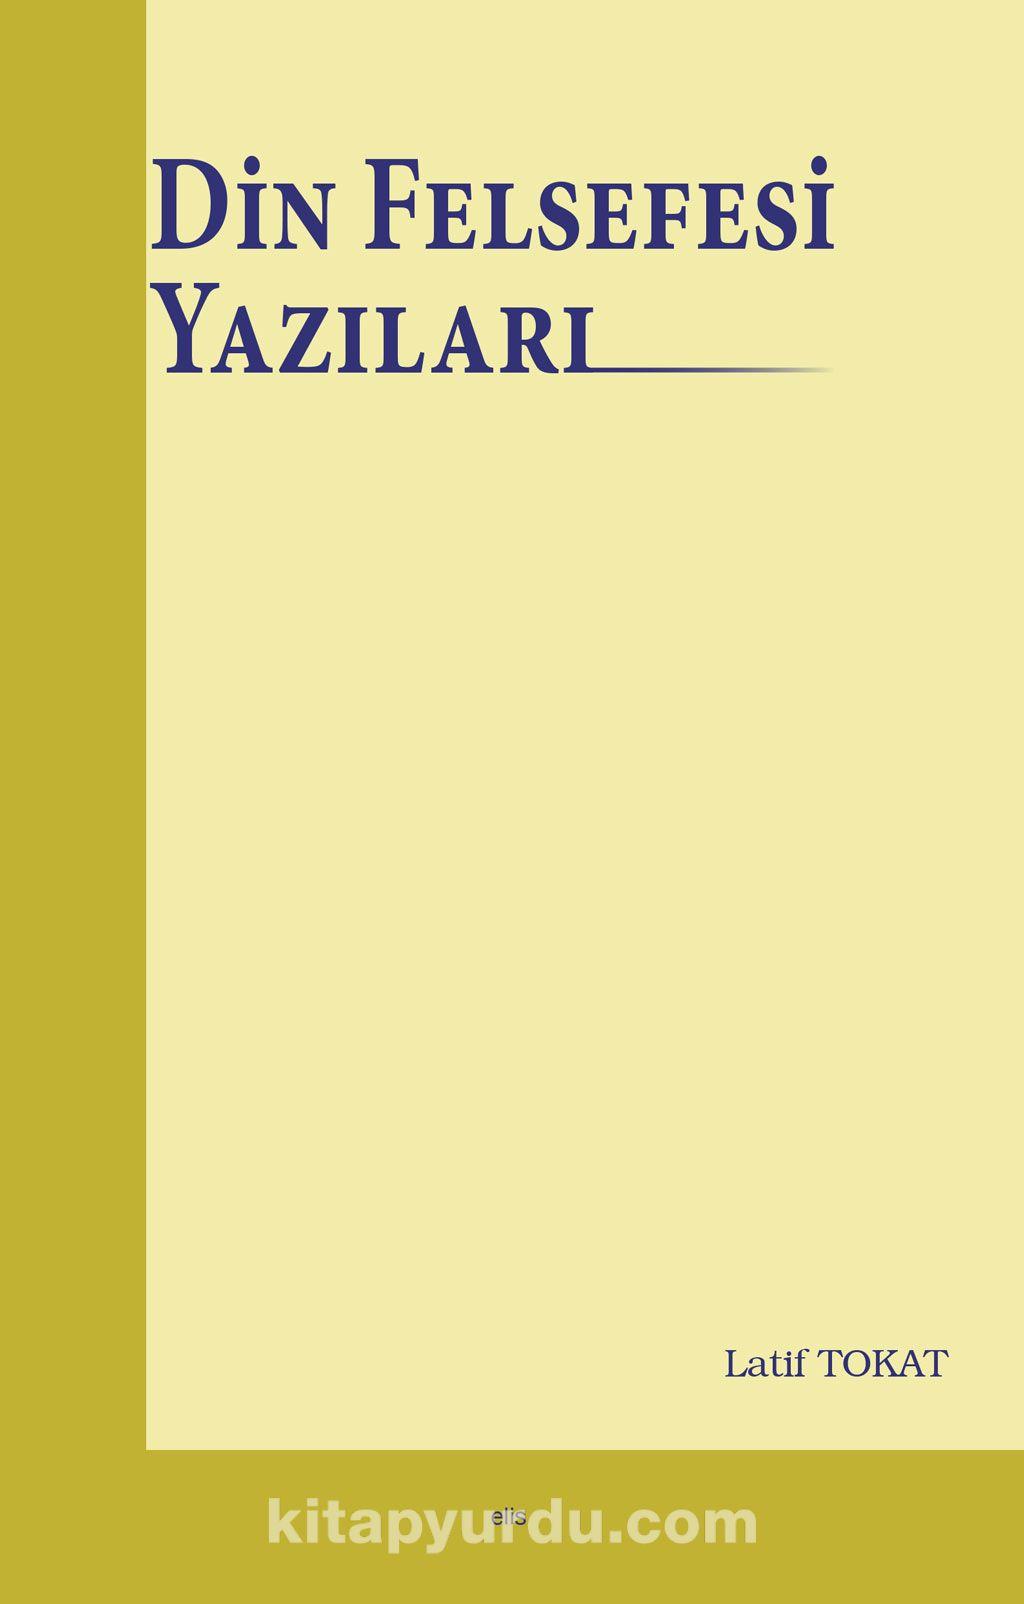 Din Felsefesi Yazıları - Dr. Latif Tokat pdf epub